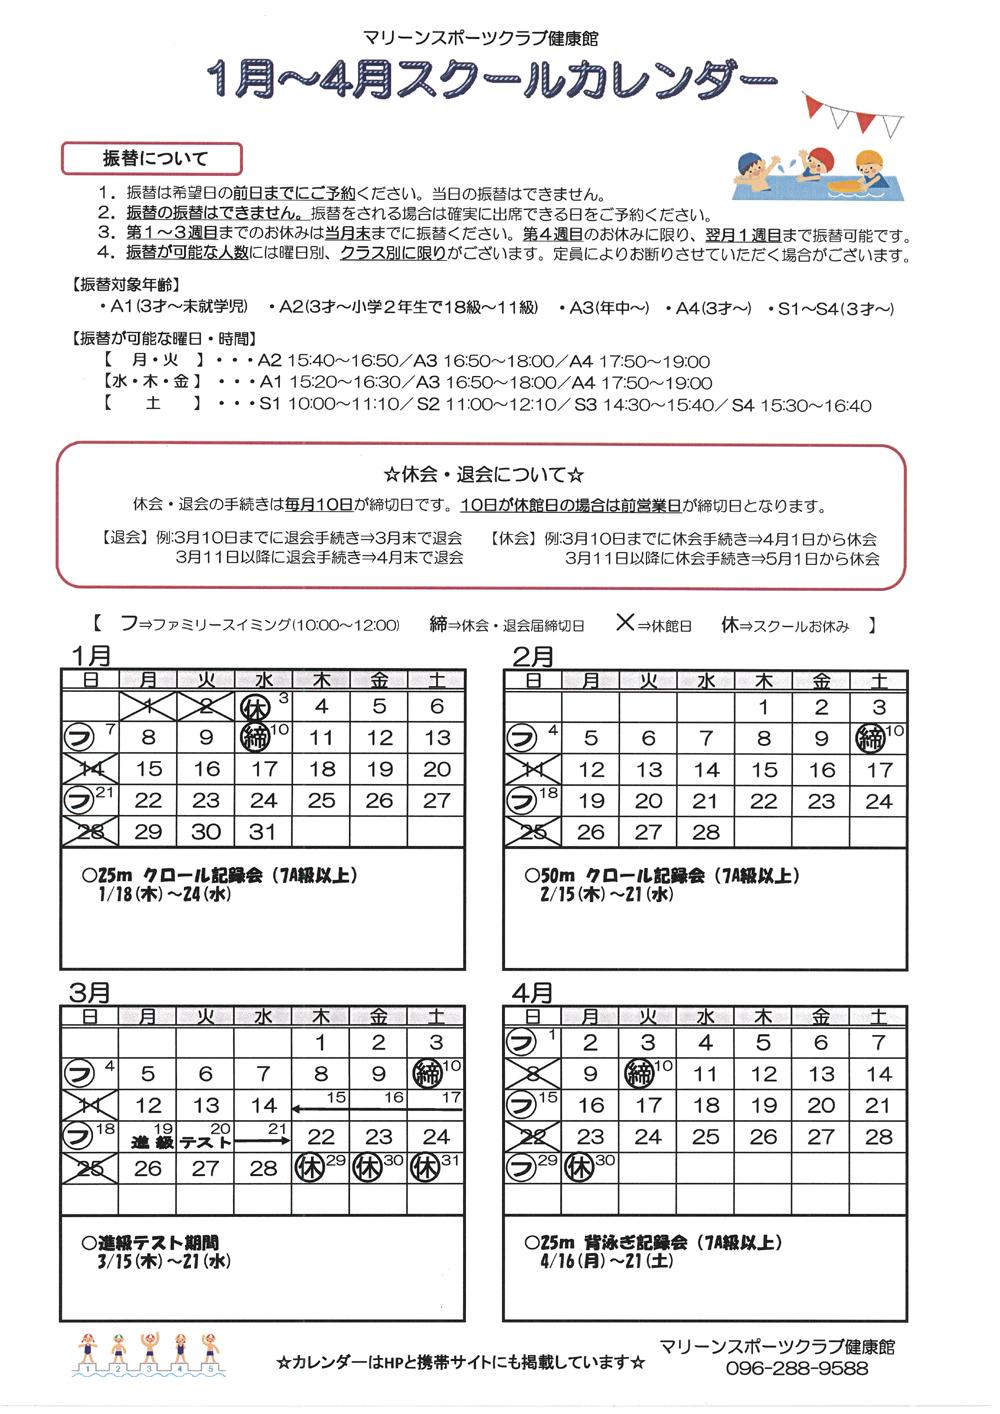 MX-2610FN_20171212_142639_001